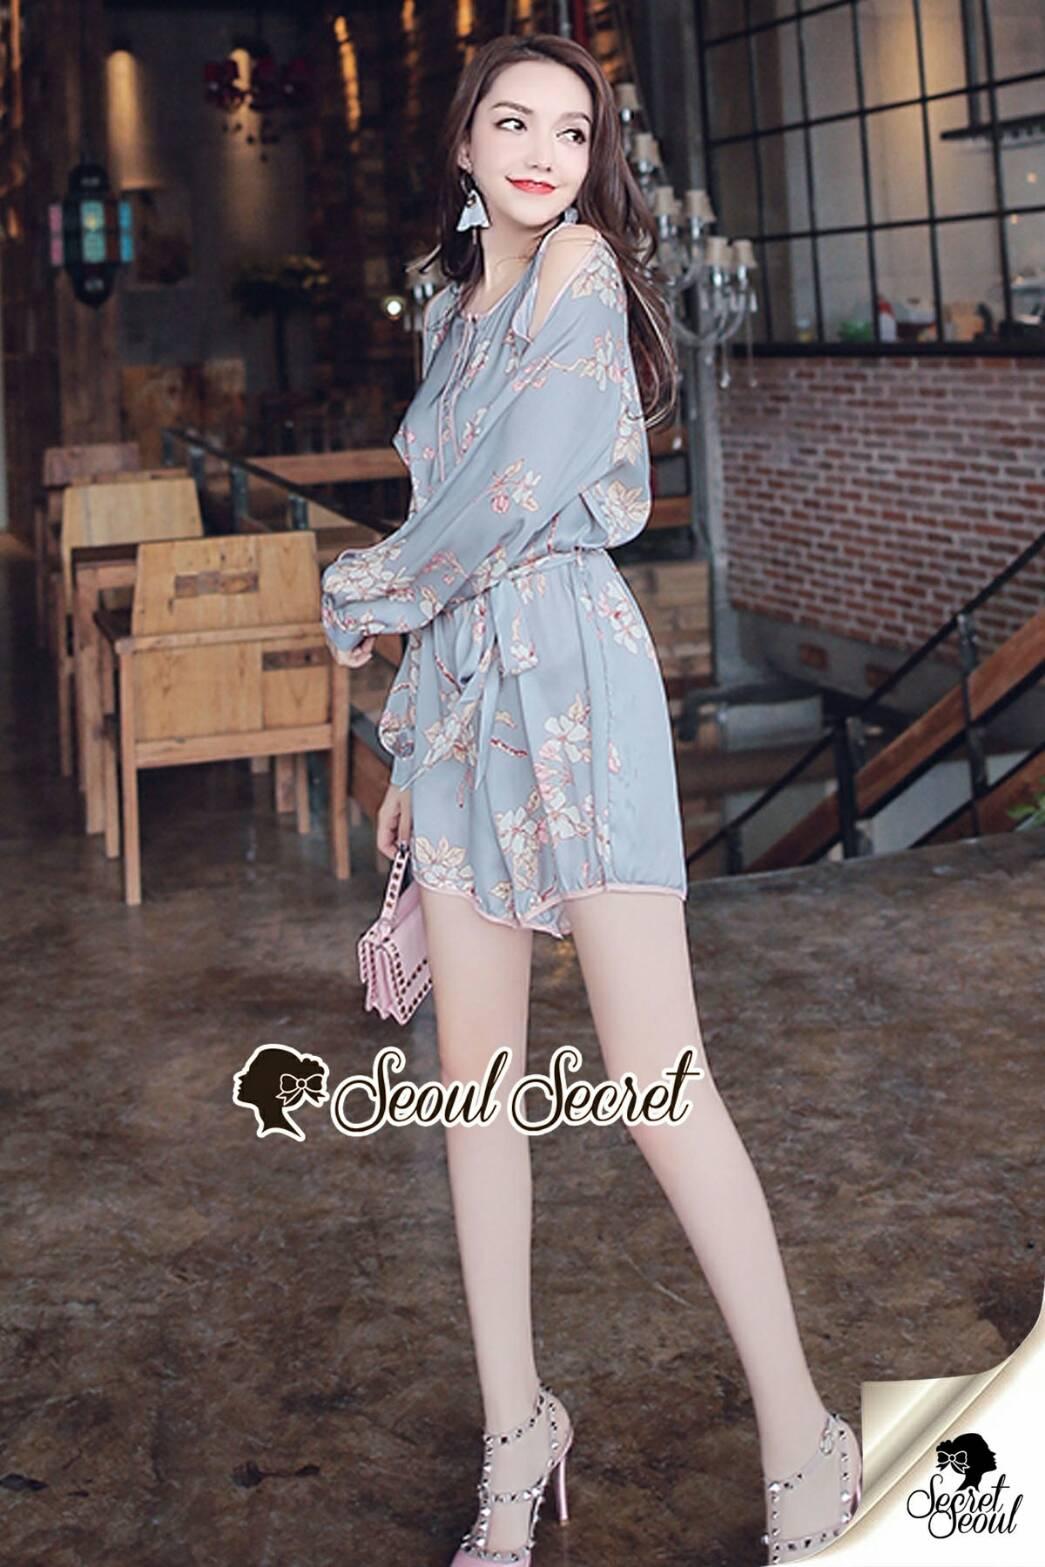 จั้มสูทกางเกงสไตล์สาววินเทจ เนื้อผ้าสวยหวานด้วยงานพิมพ์ลายดอกไม้แต่งลายแบบวินเทจ